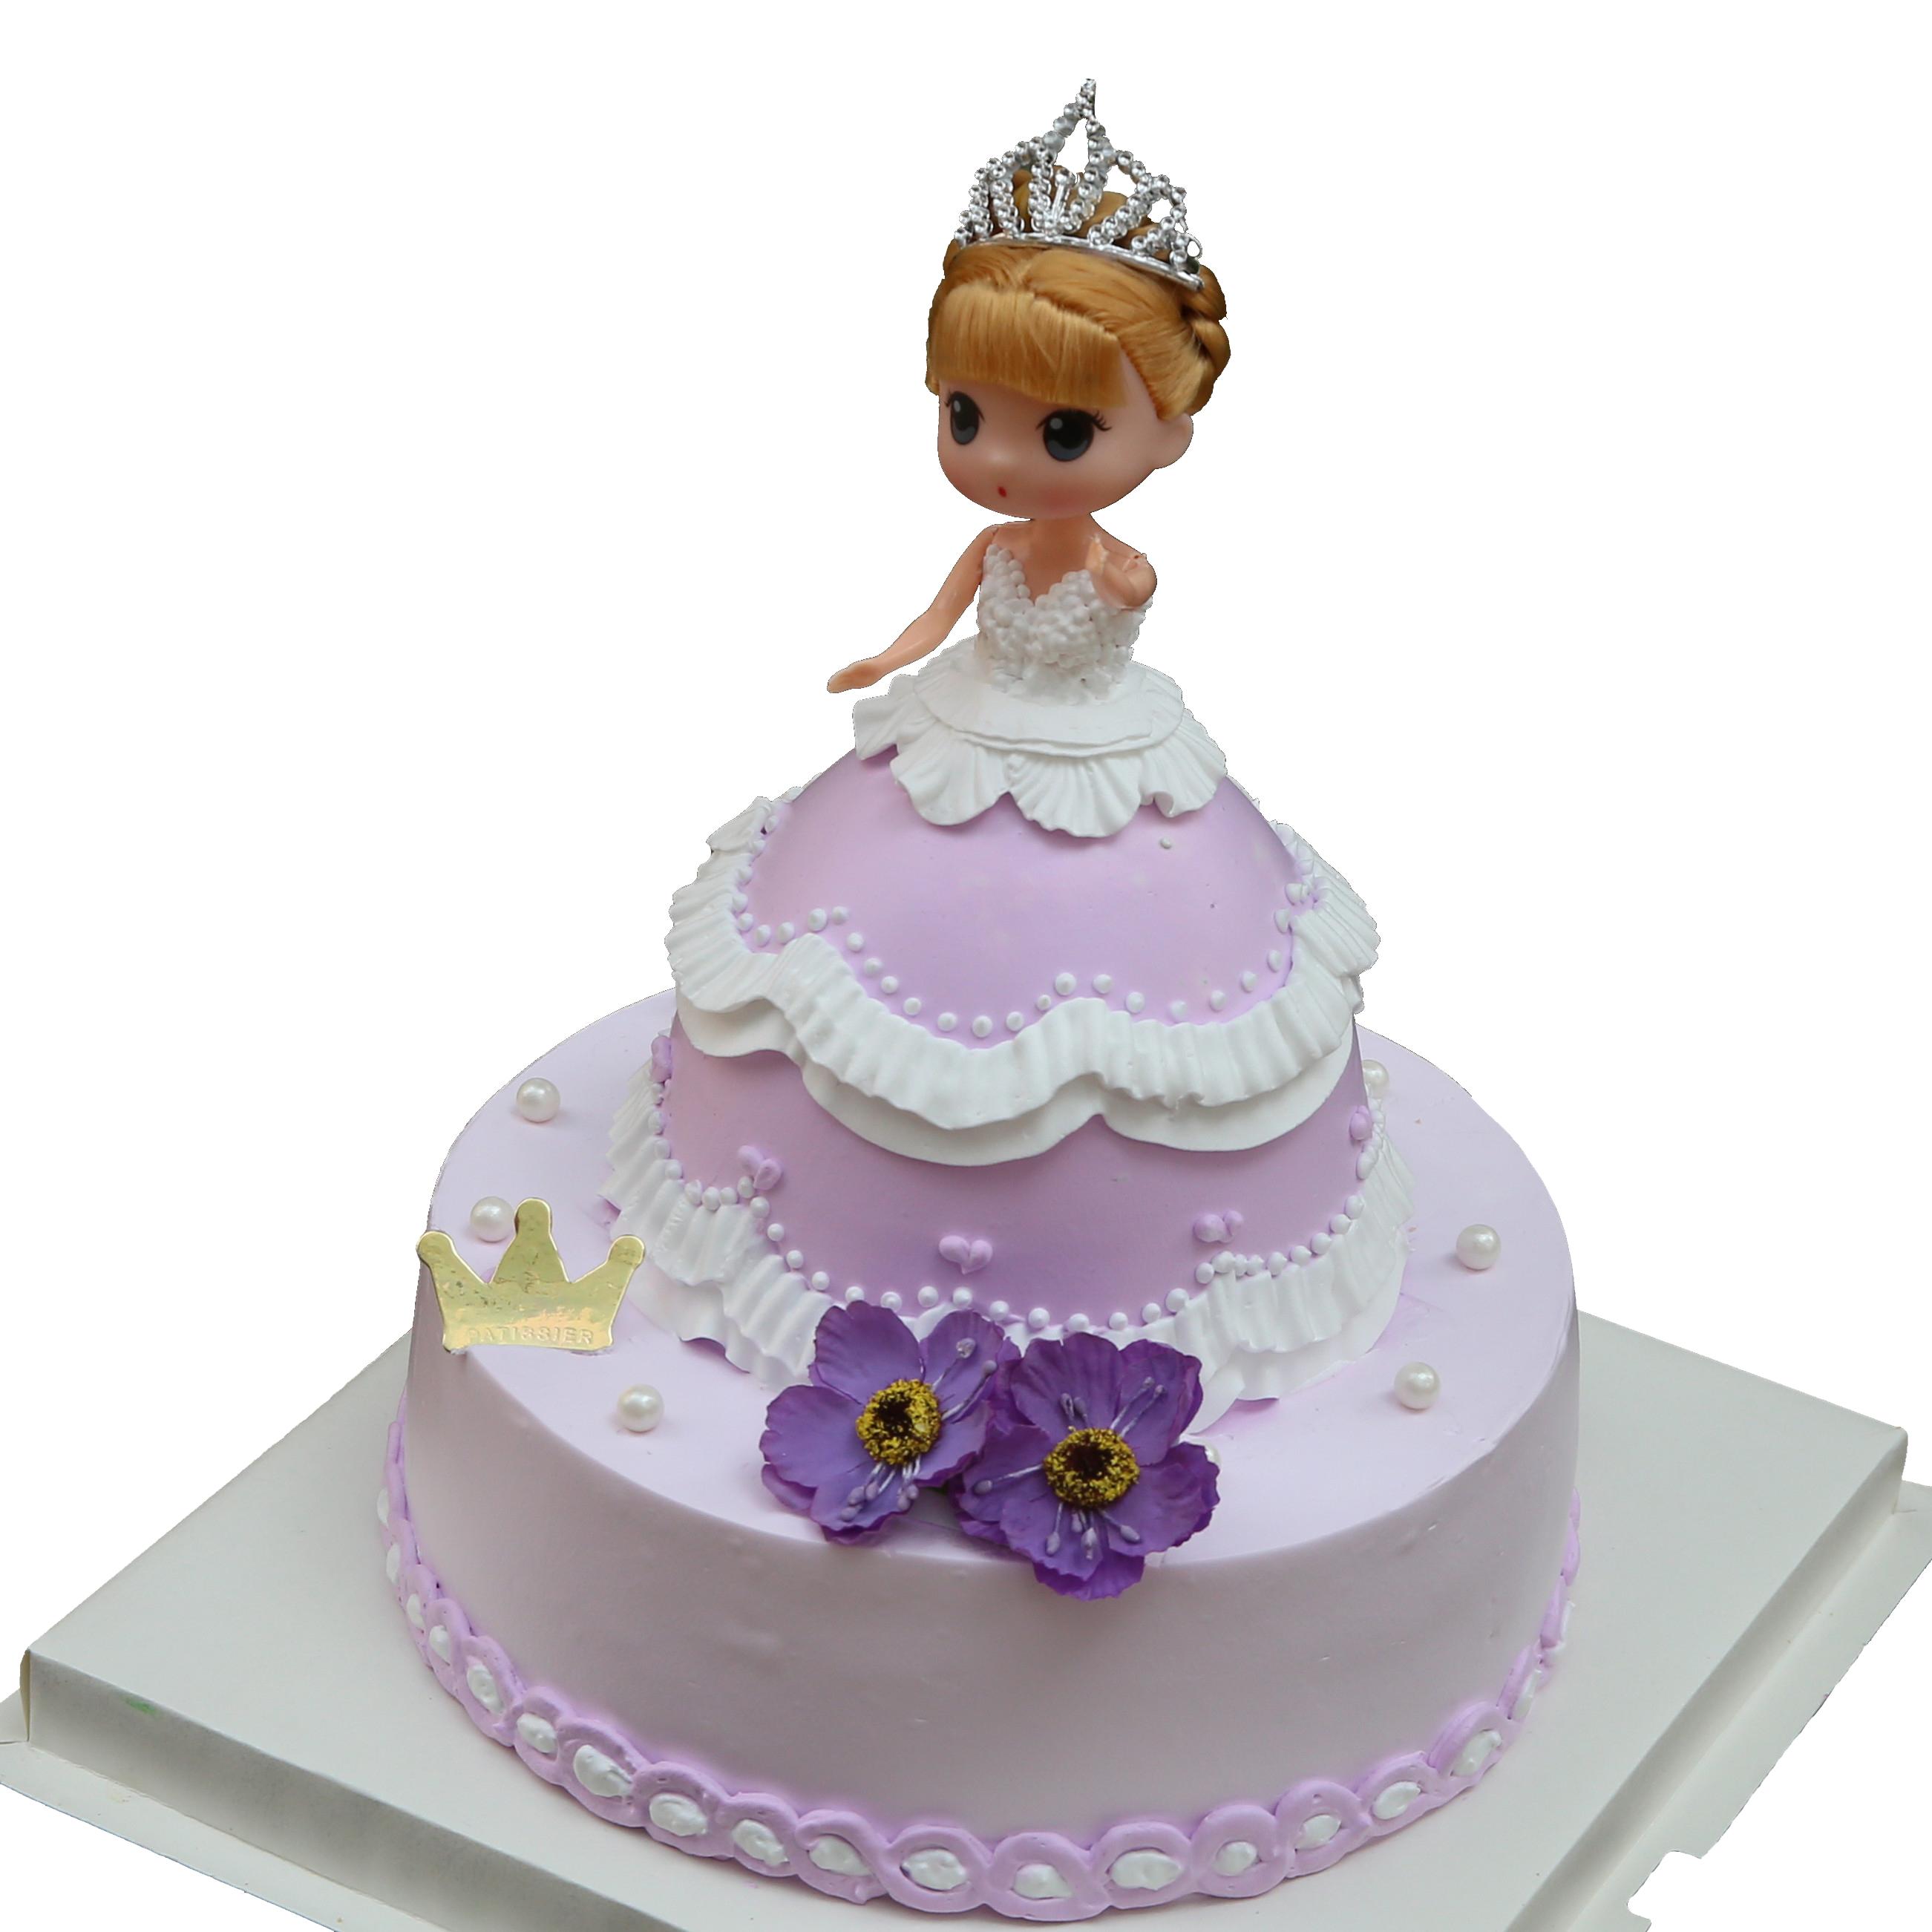 芭比蛋糕|可爱公主